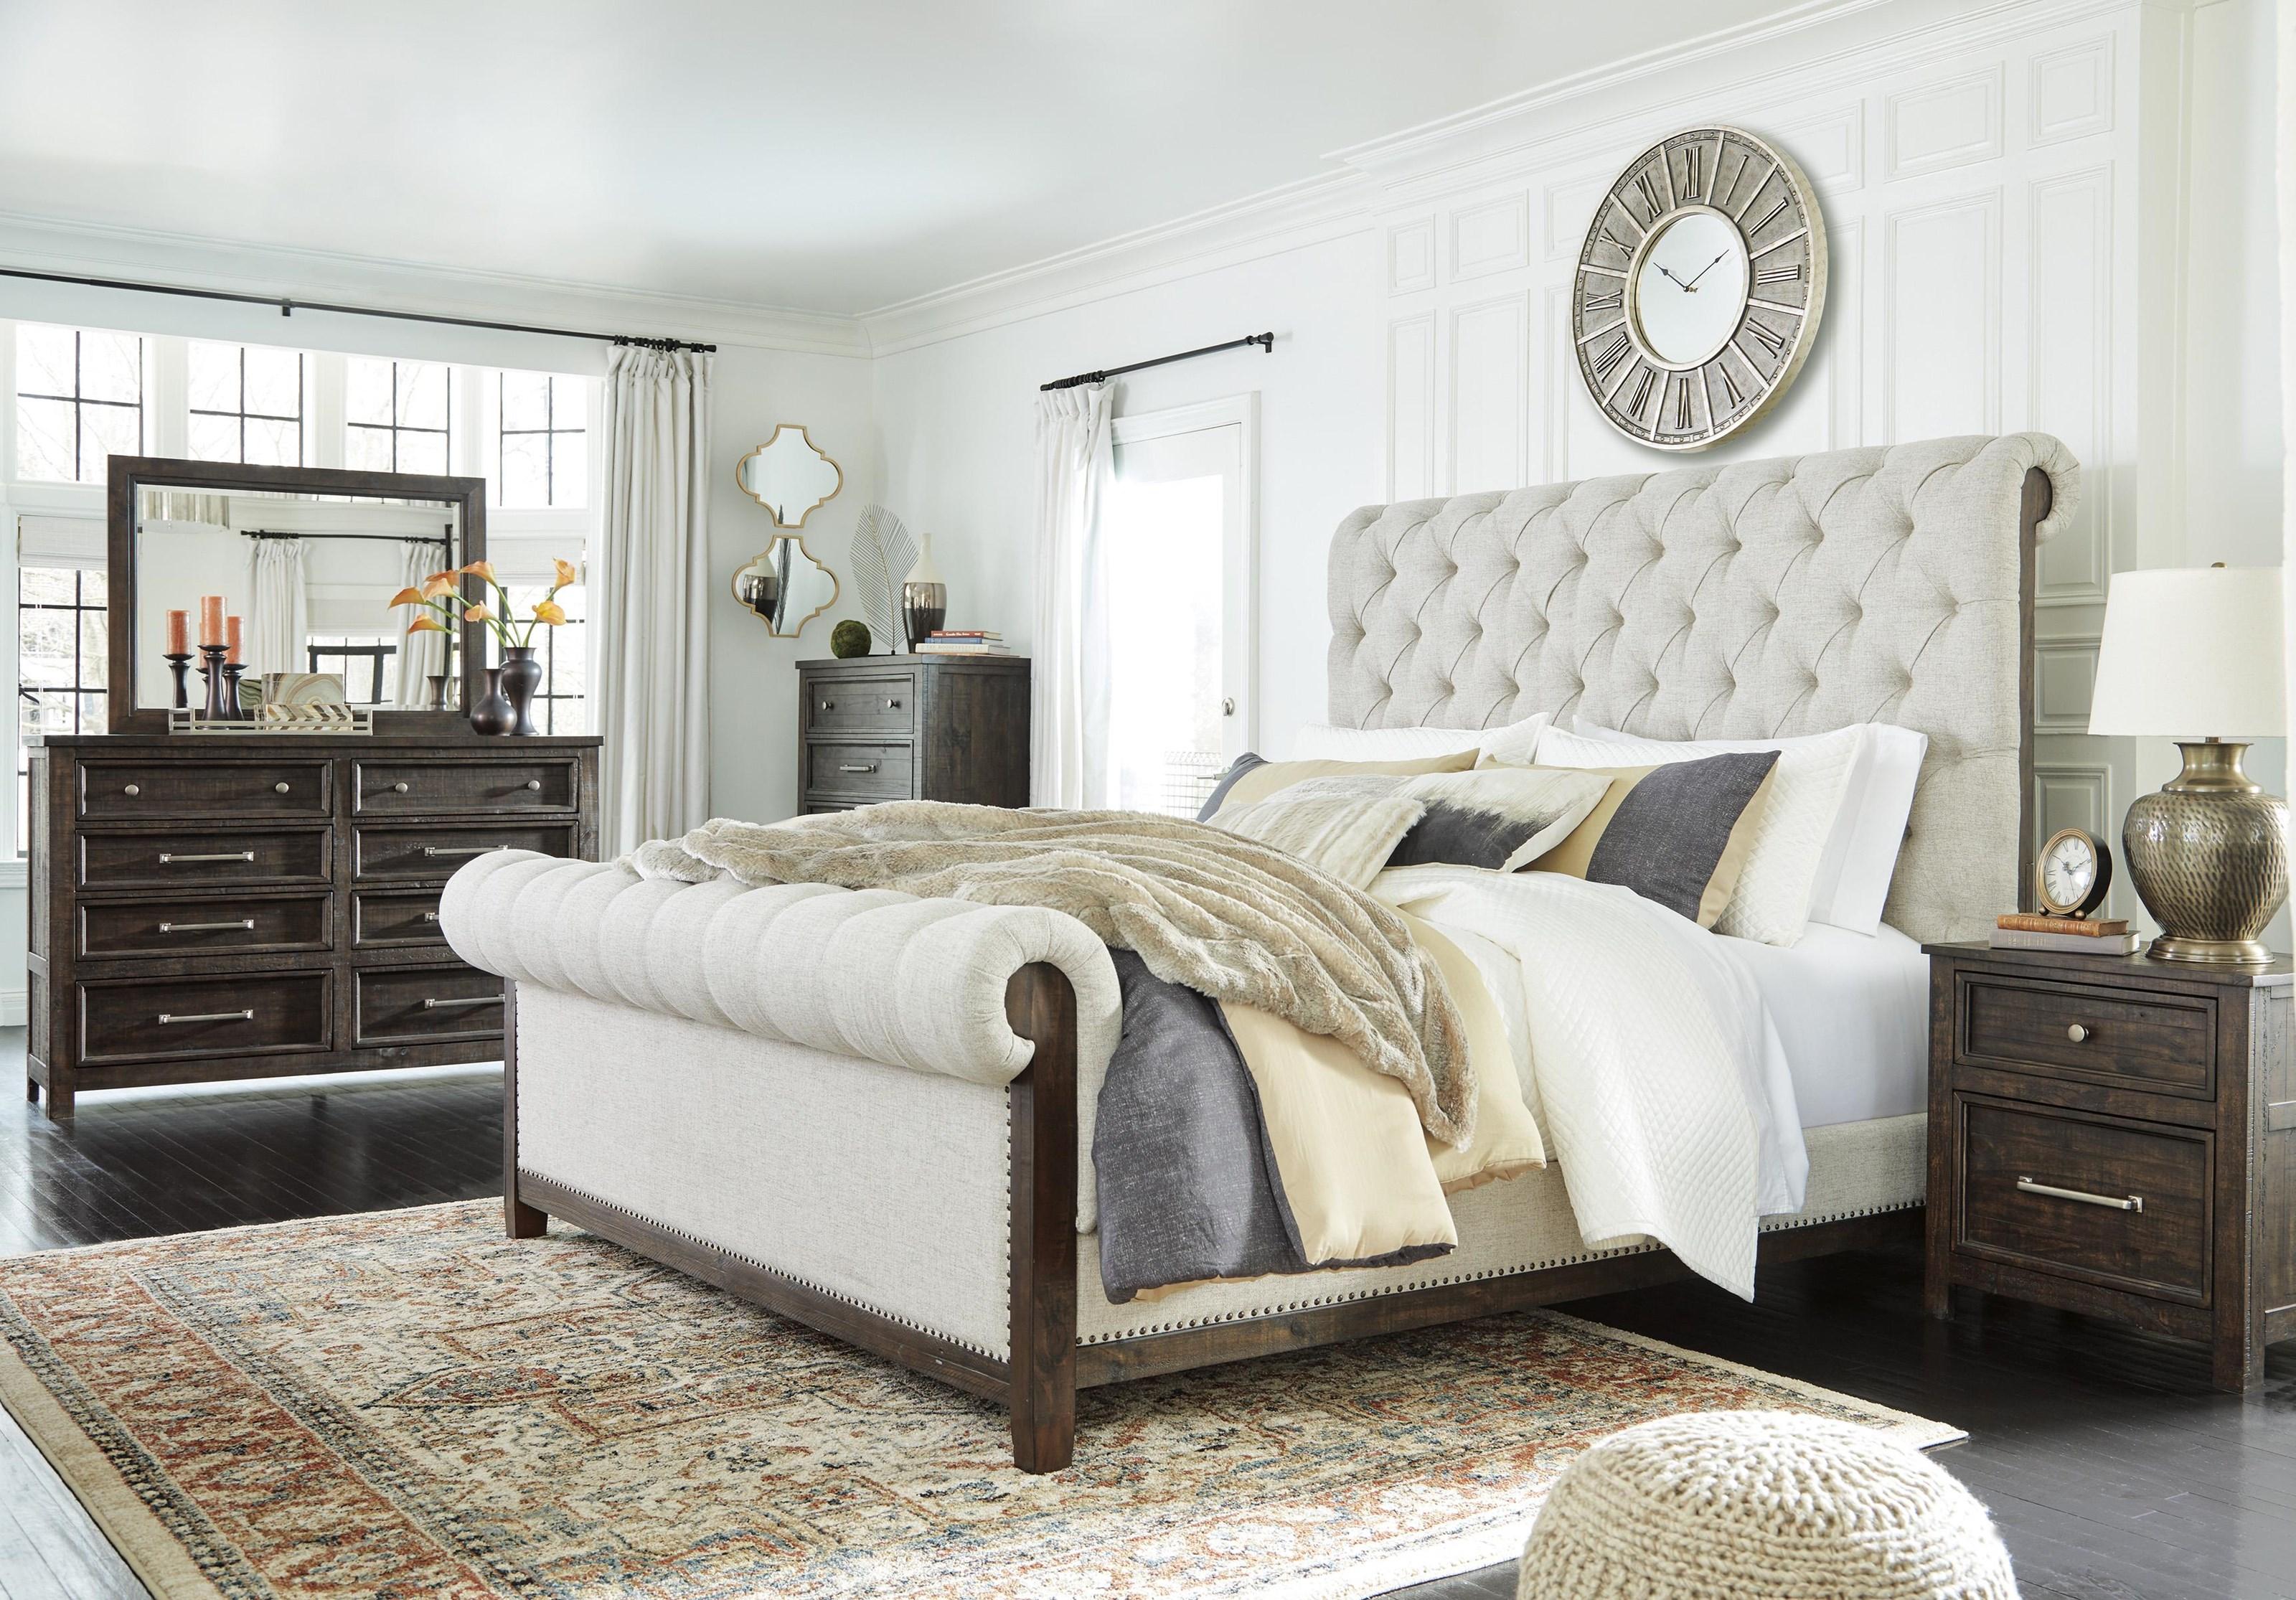 Hillcott 5 Piece King Upholstered Bedroom Set by Millennium at Sam Levitz Furniture